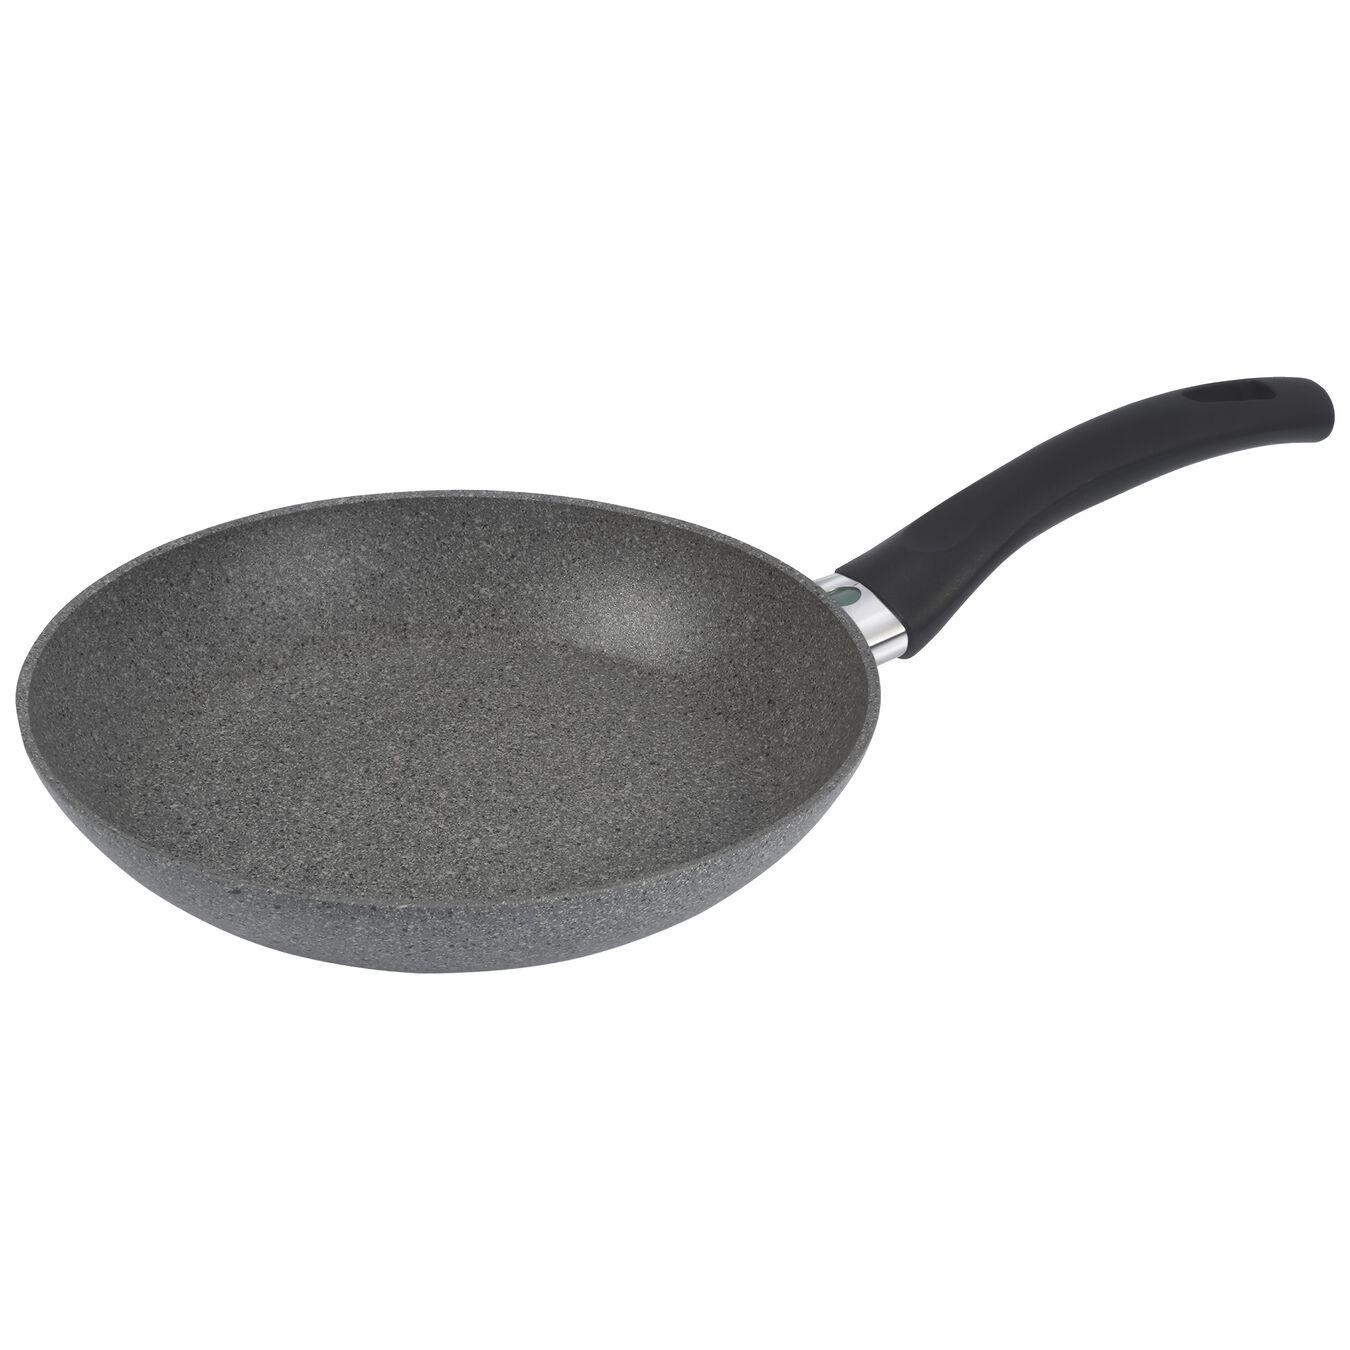 Padella - 24 cm, alluminio, Granitium,,large 1